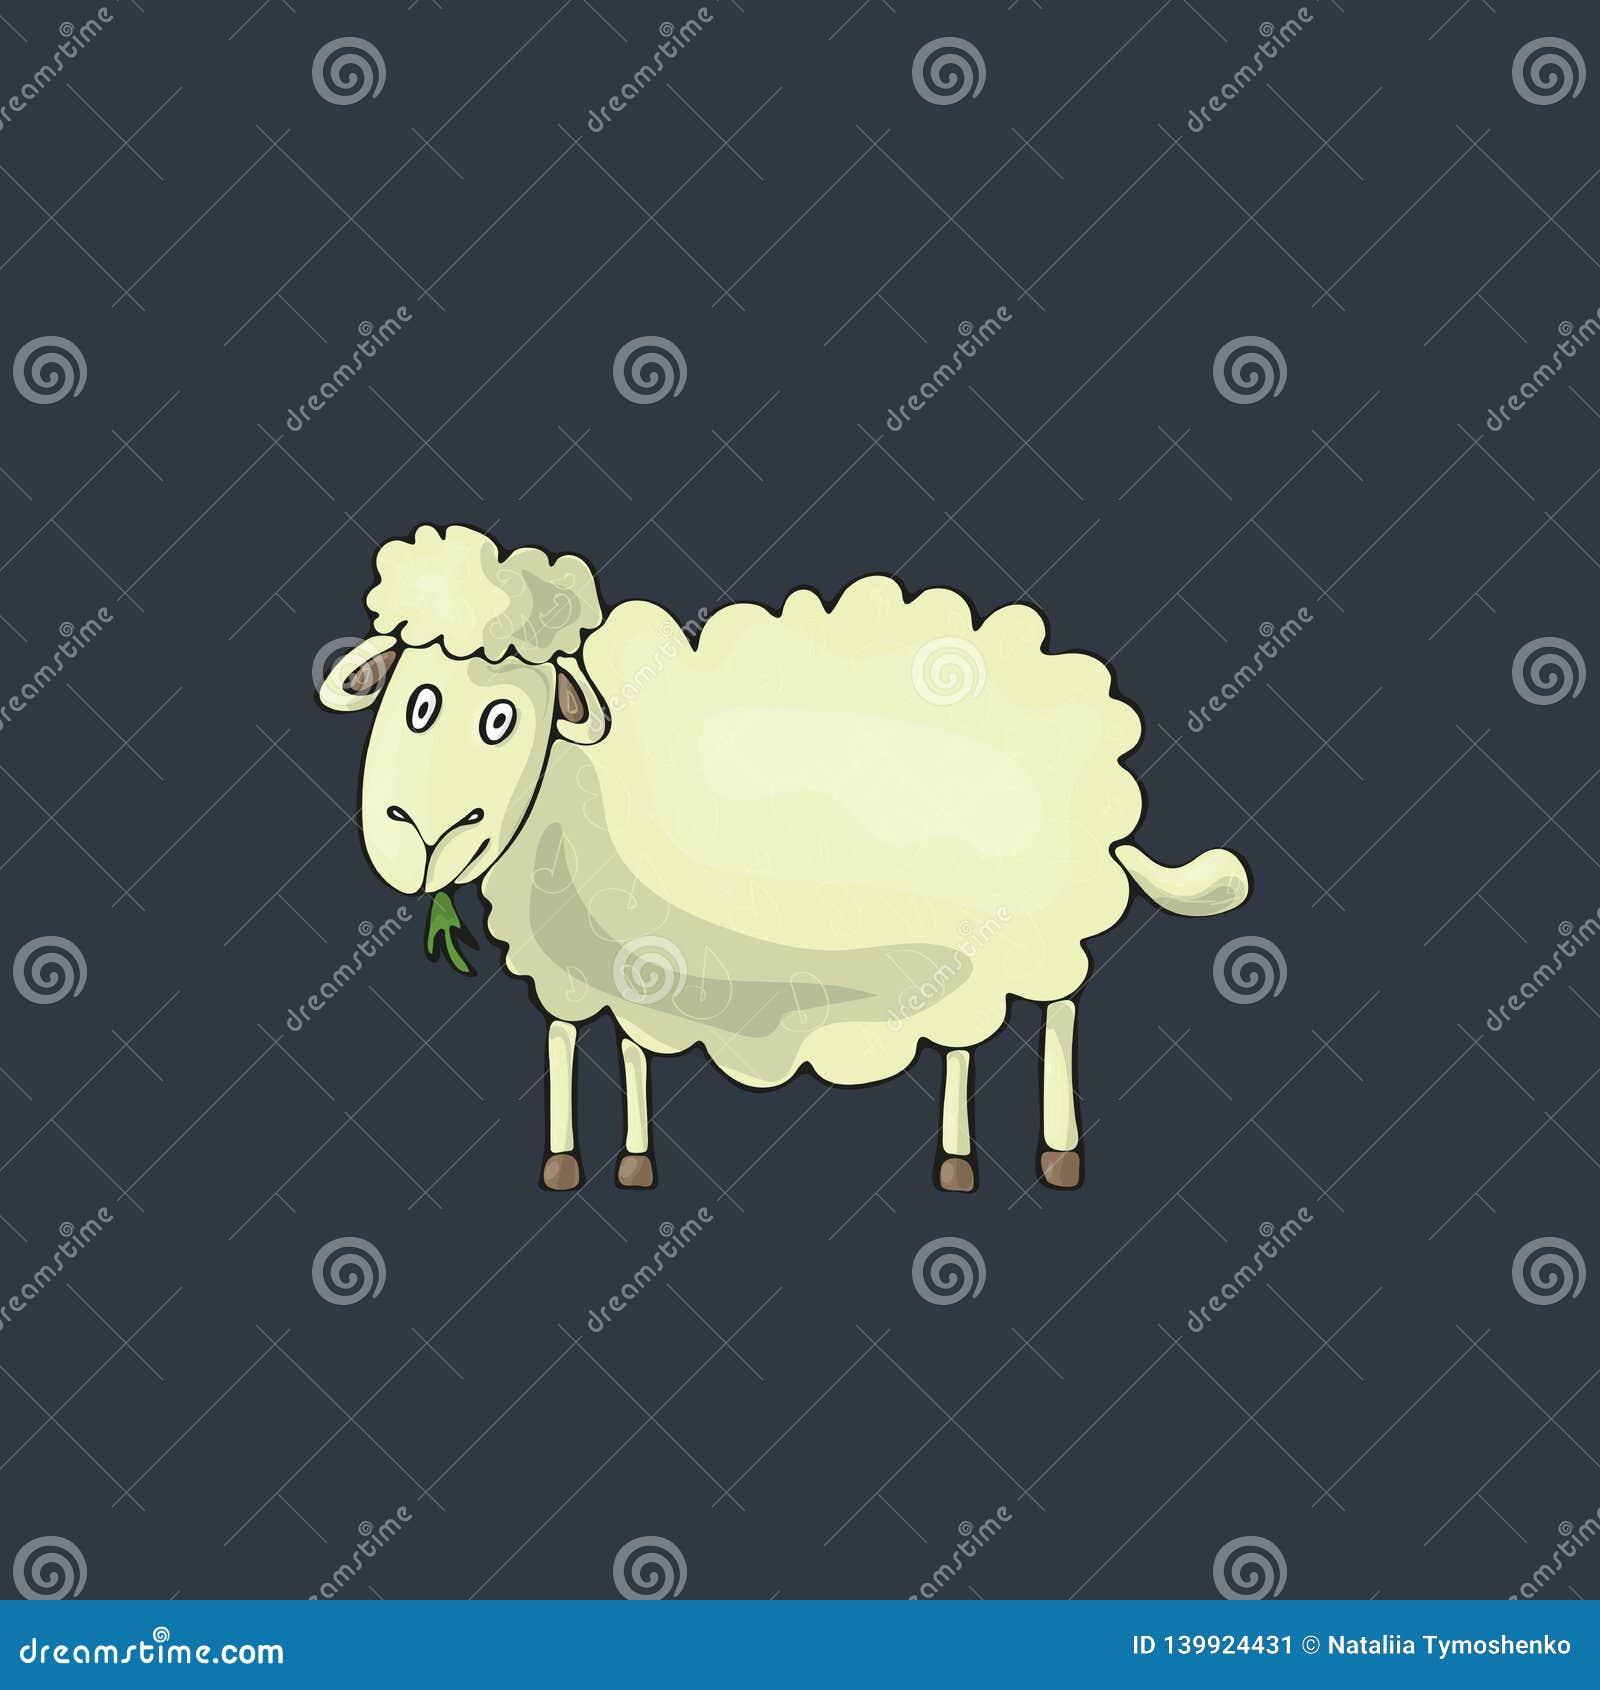 Πρόβατα χαριτωμένα στο γκρίζο υπόβαθρο Απομονωμένος διανυσματικός χαρακτήρας κινούμενων σχεδίων